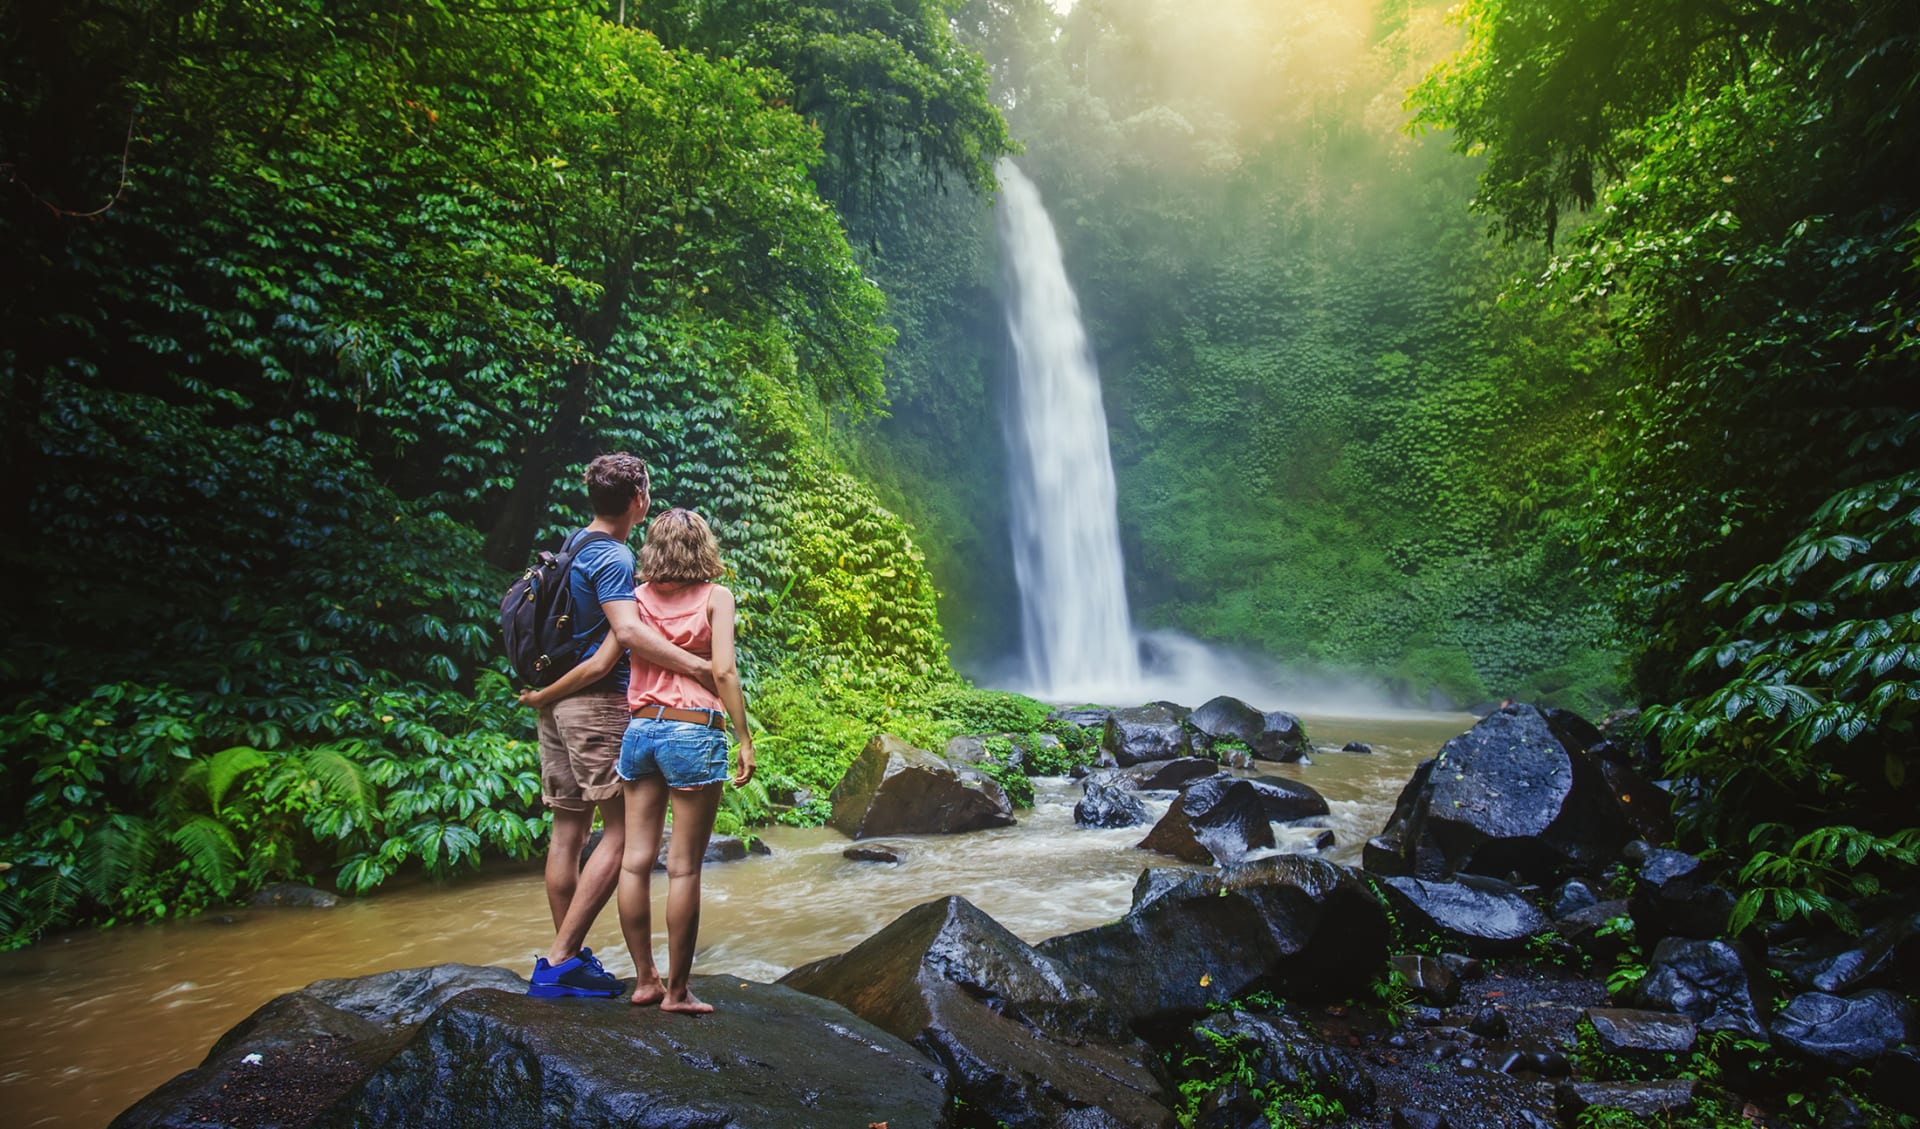 Paar im Dschungel, Costa Rica